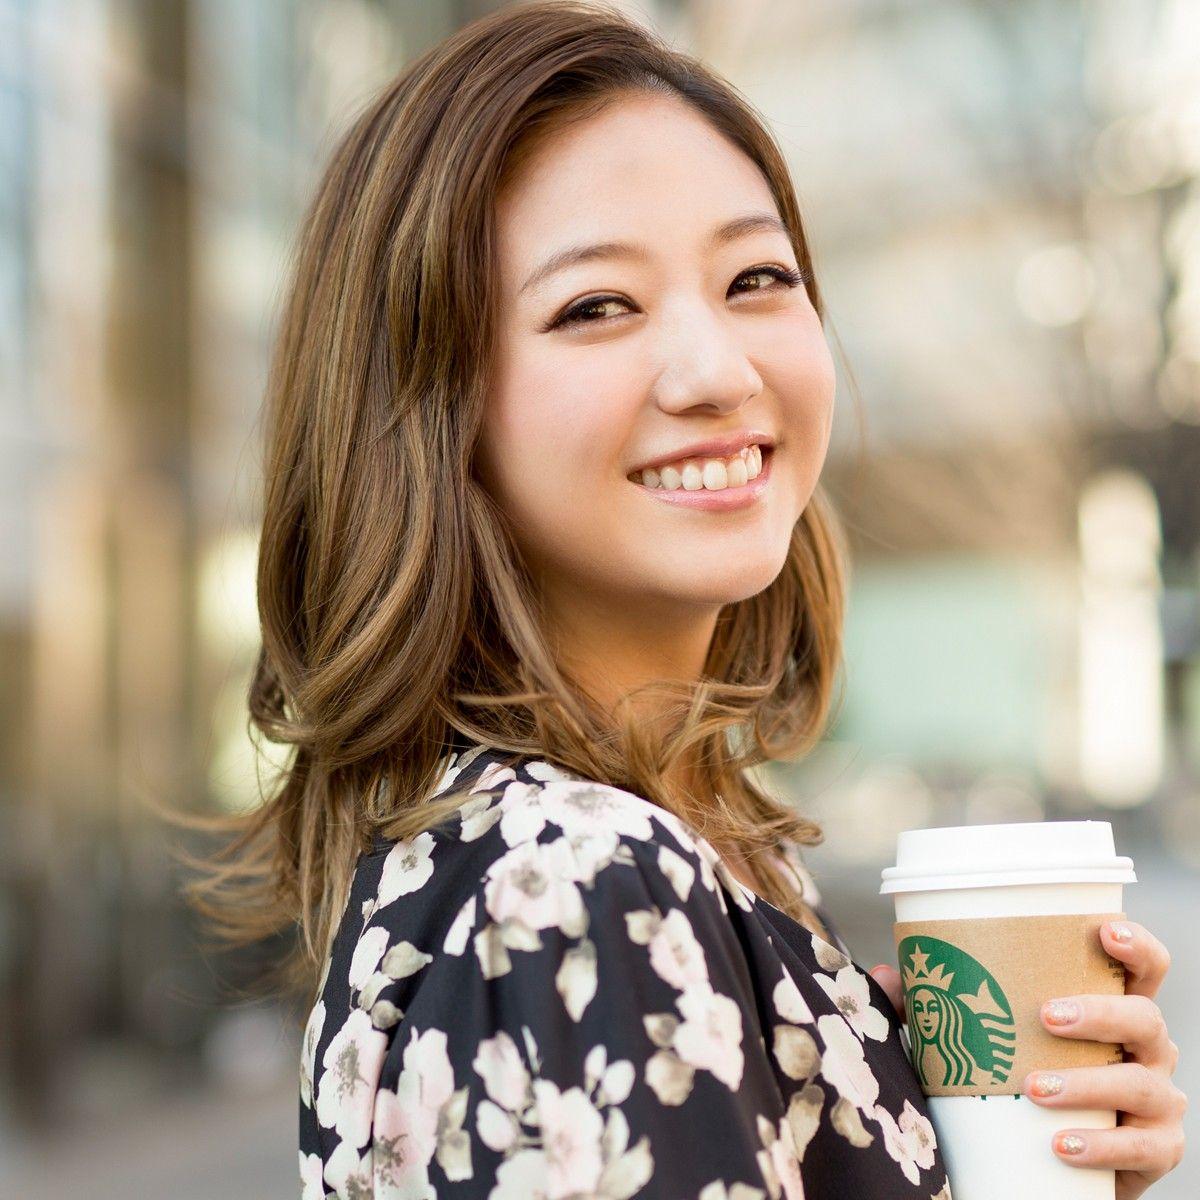 【画像】元AAA・伊藤千晃、ワコール下着のイメージモデルに…ランジェリー姿に「美しすぎる」とファン歓喜